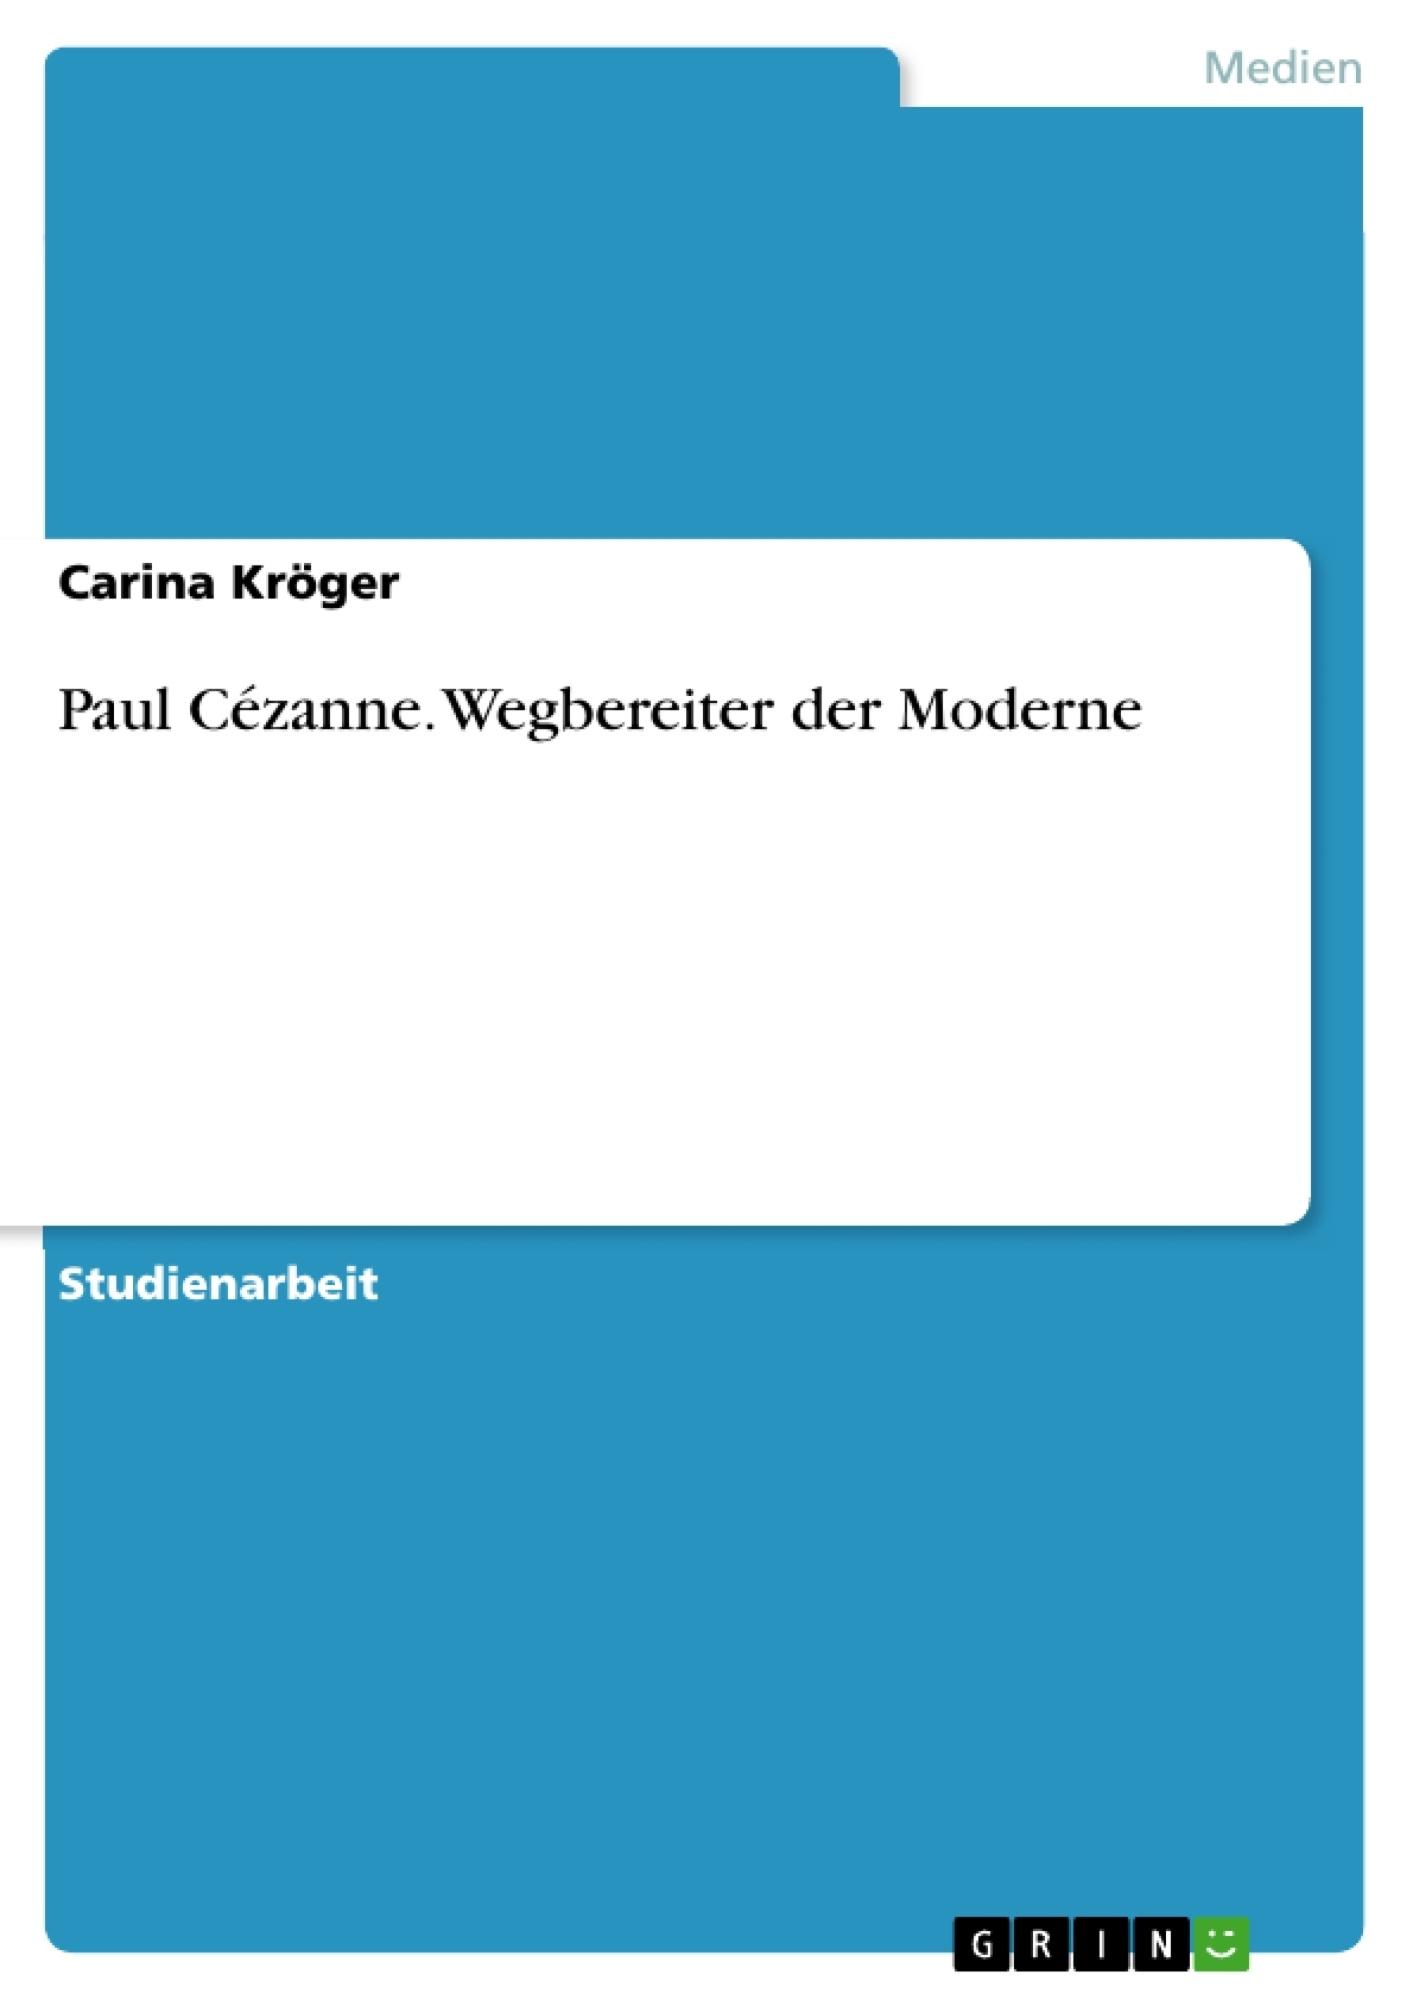 Titel: Paul Cézanne. Wegbereiter der Moderne